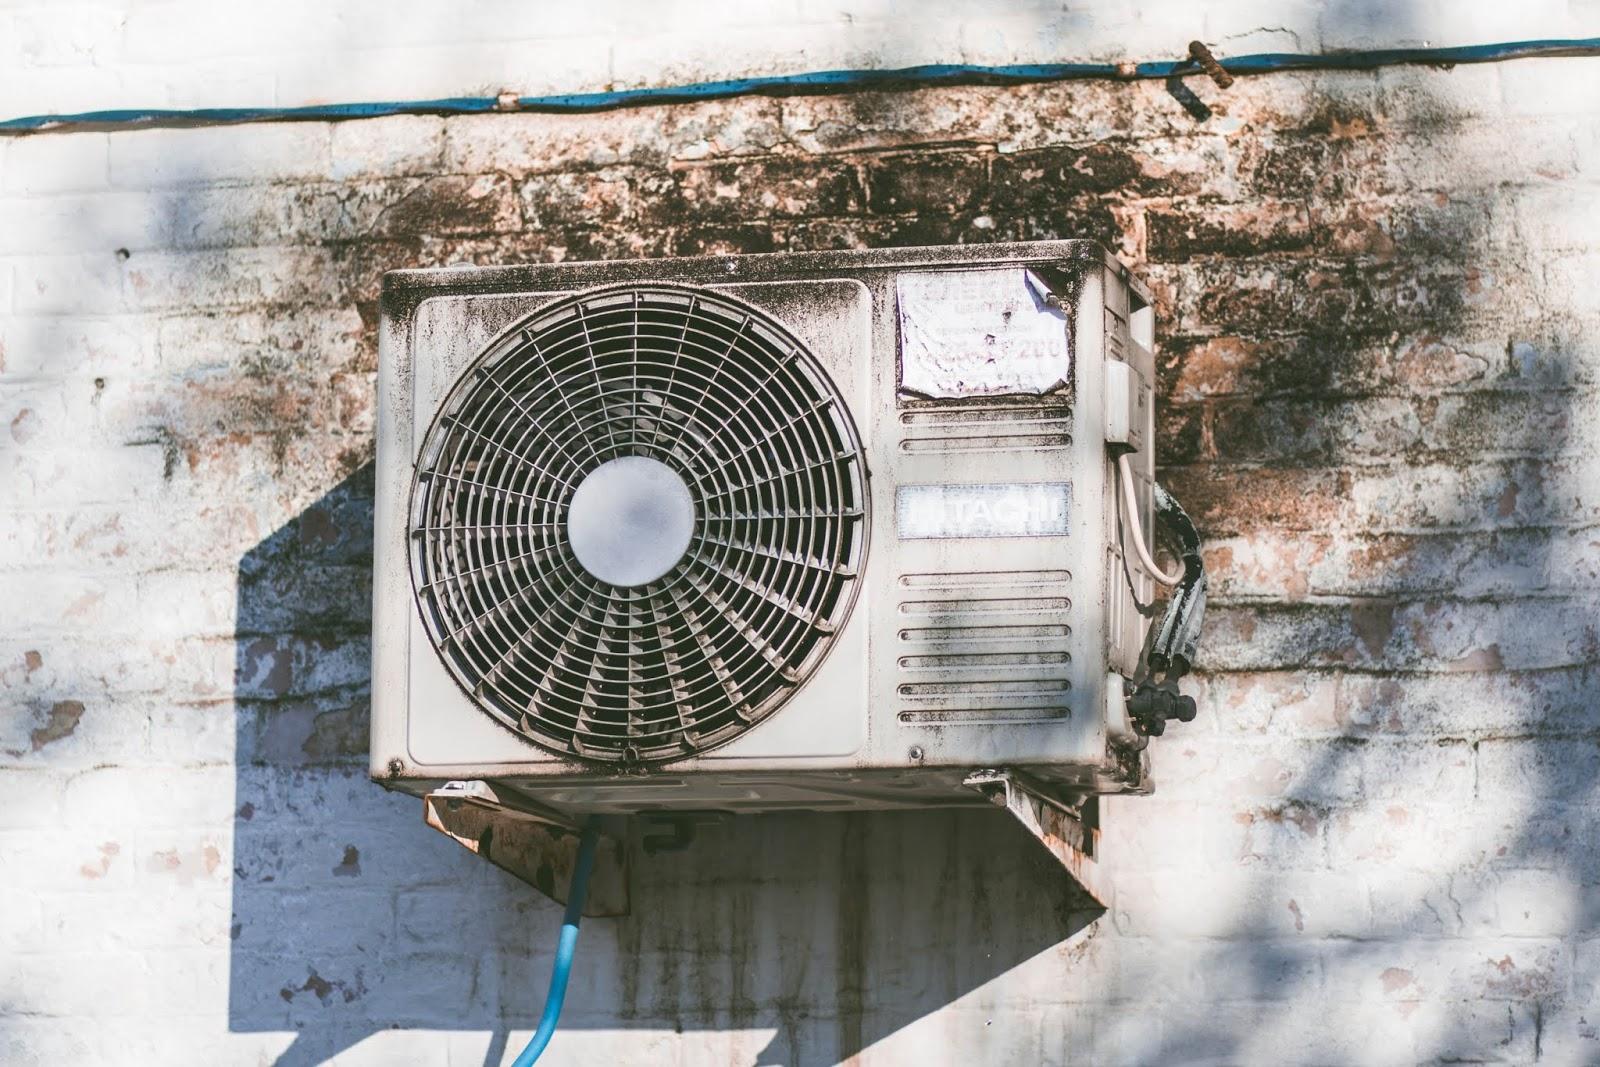 Κορονοϊός και κλιματιστικά: Τι πρέπει να προσέχετε σύμφωνα με το υπουργείο Υγείας